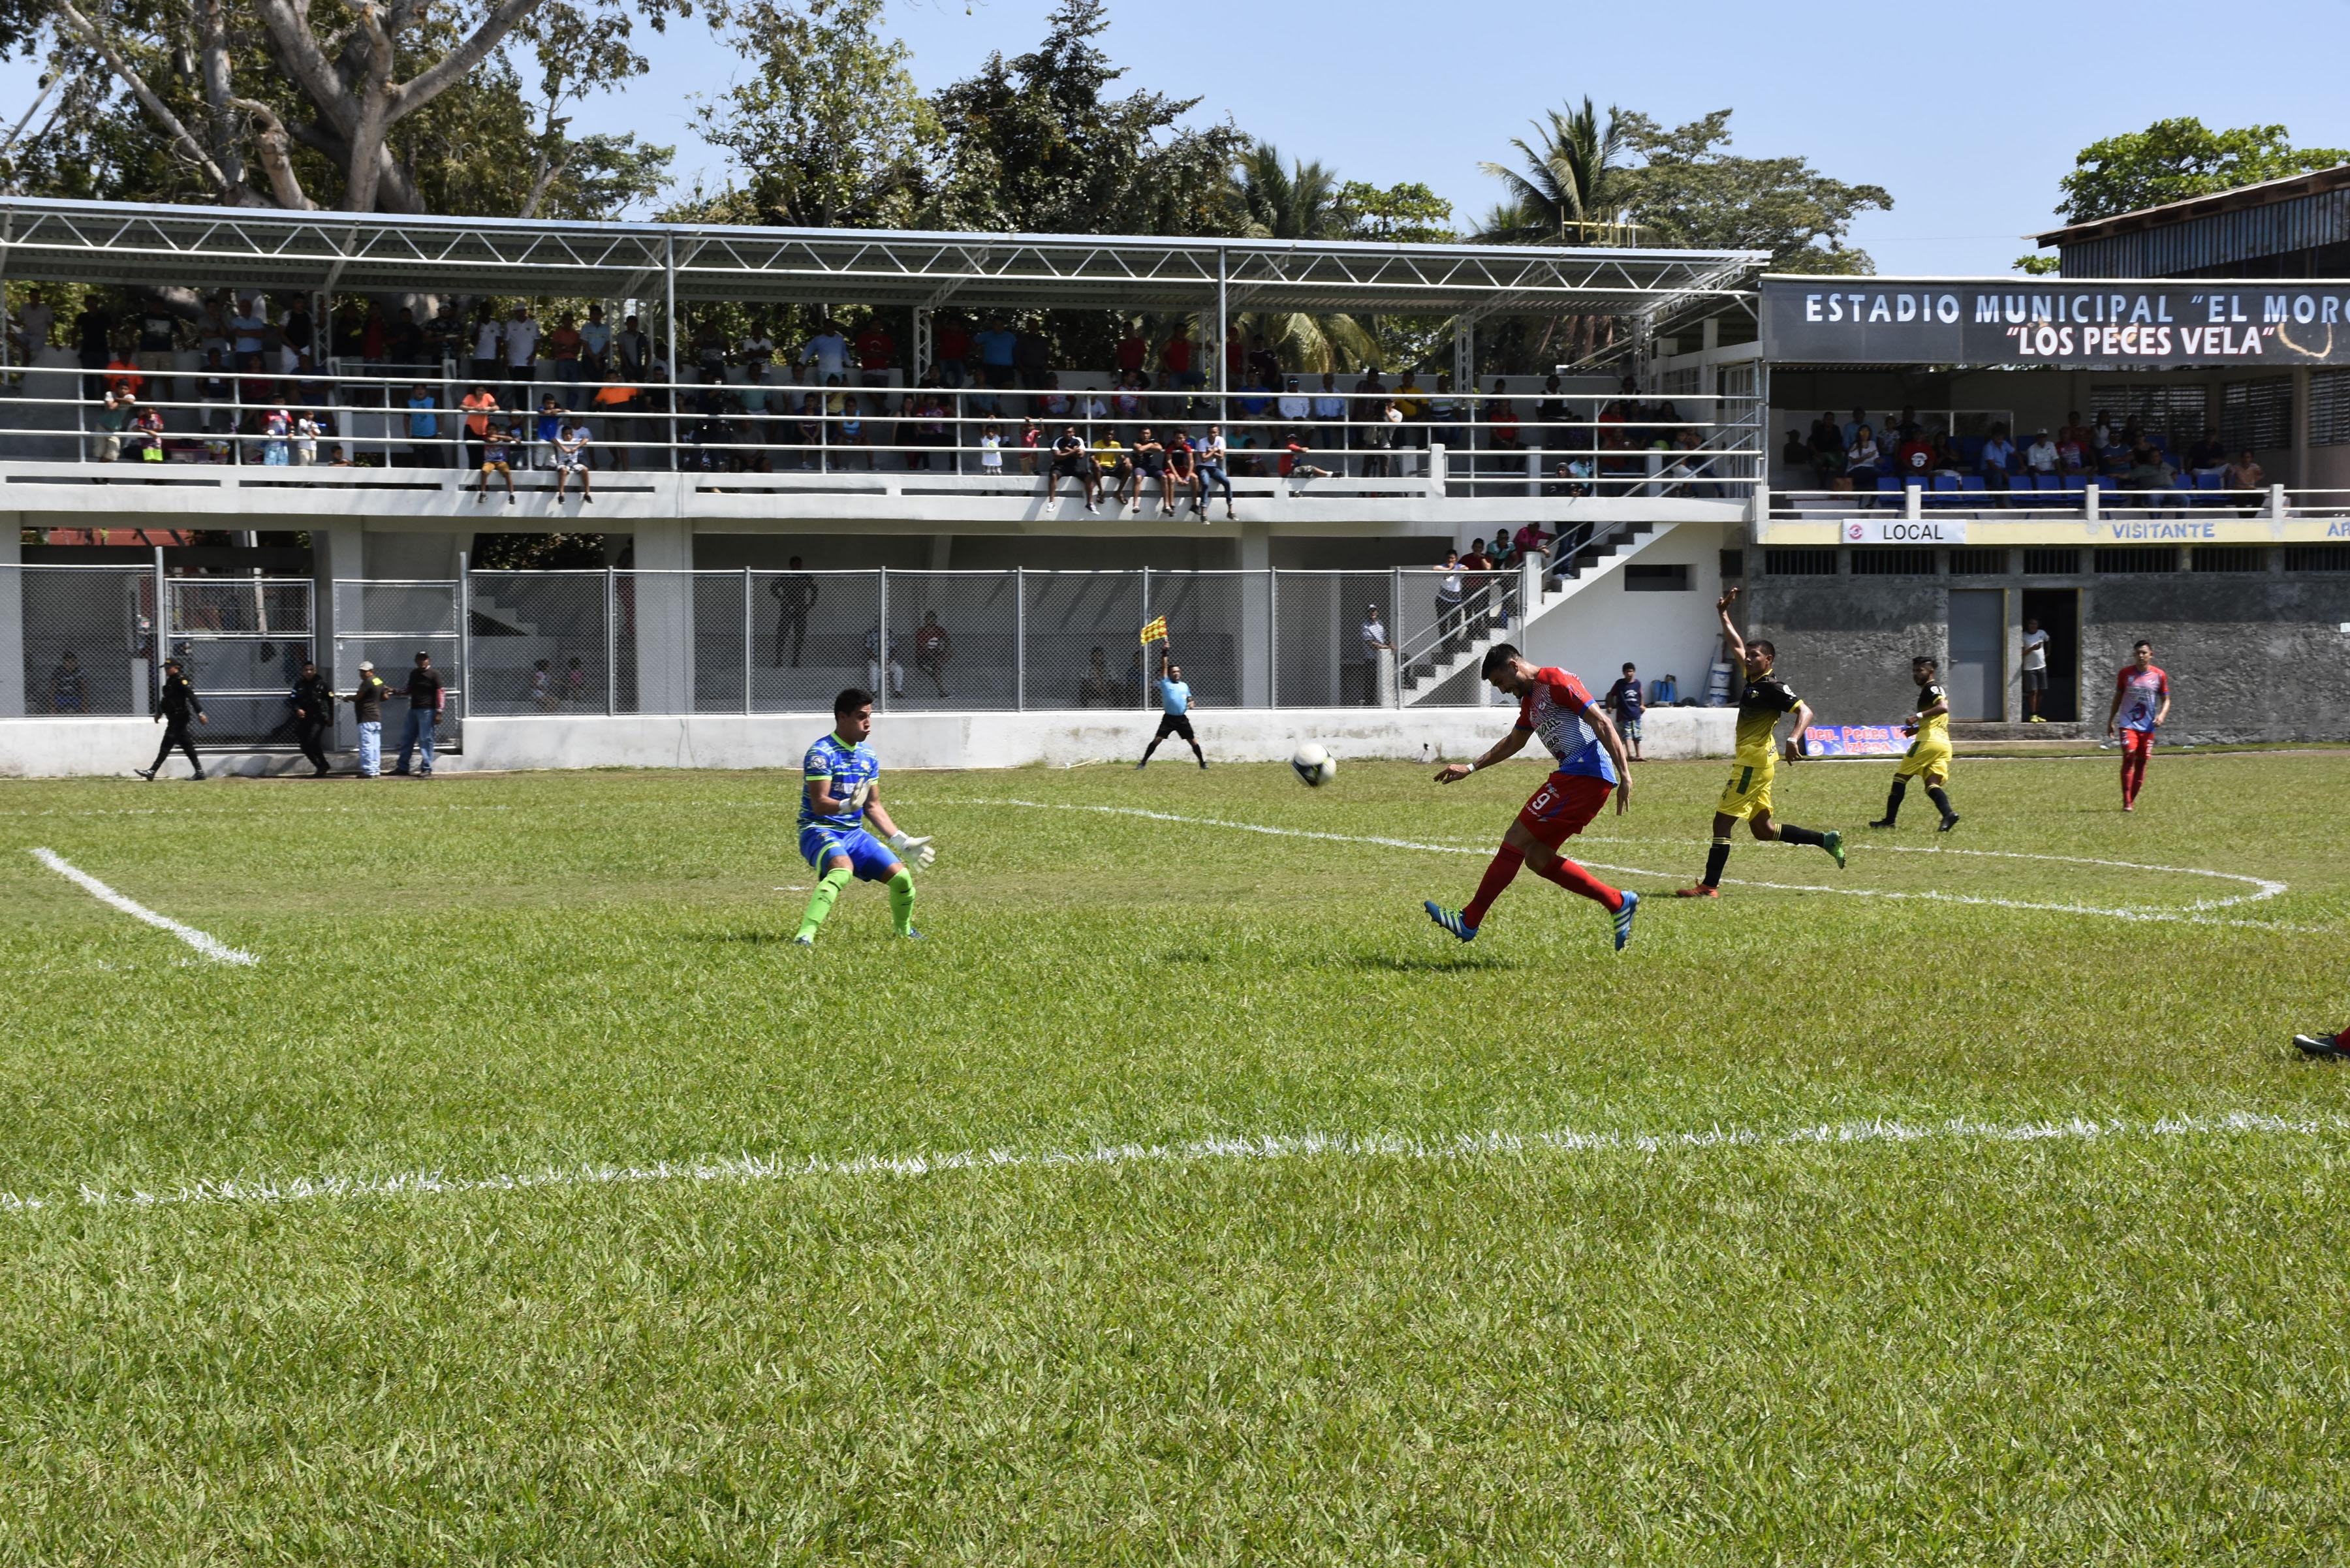 Iztapa venció 2-0 este sábado a Petapa, en juego de la quinta jornada del Clausura 2019, disputado en el estadio El Morón (Foto Prensa Libe: Hillary Paredes)